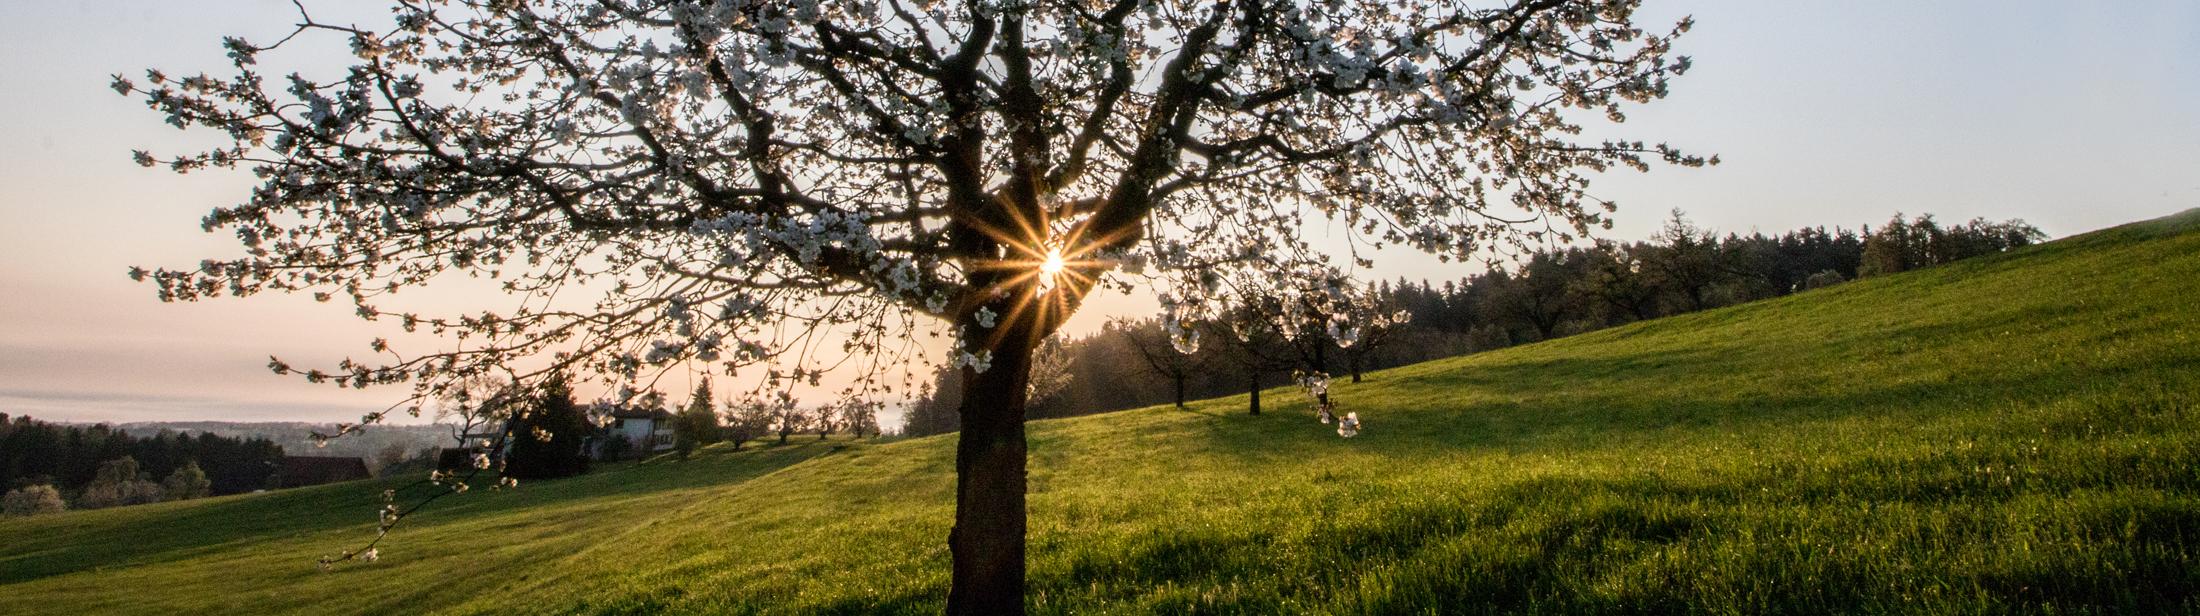 Fotomotiv-Frühlingsbaum mit Sonne